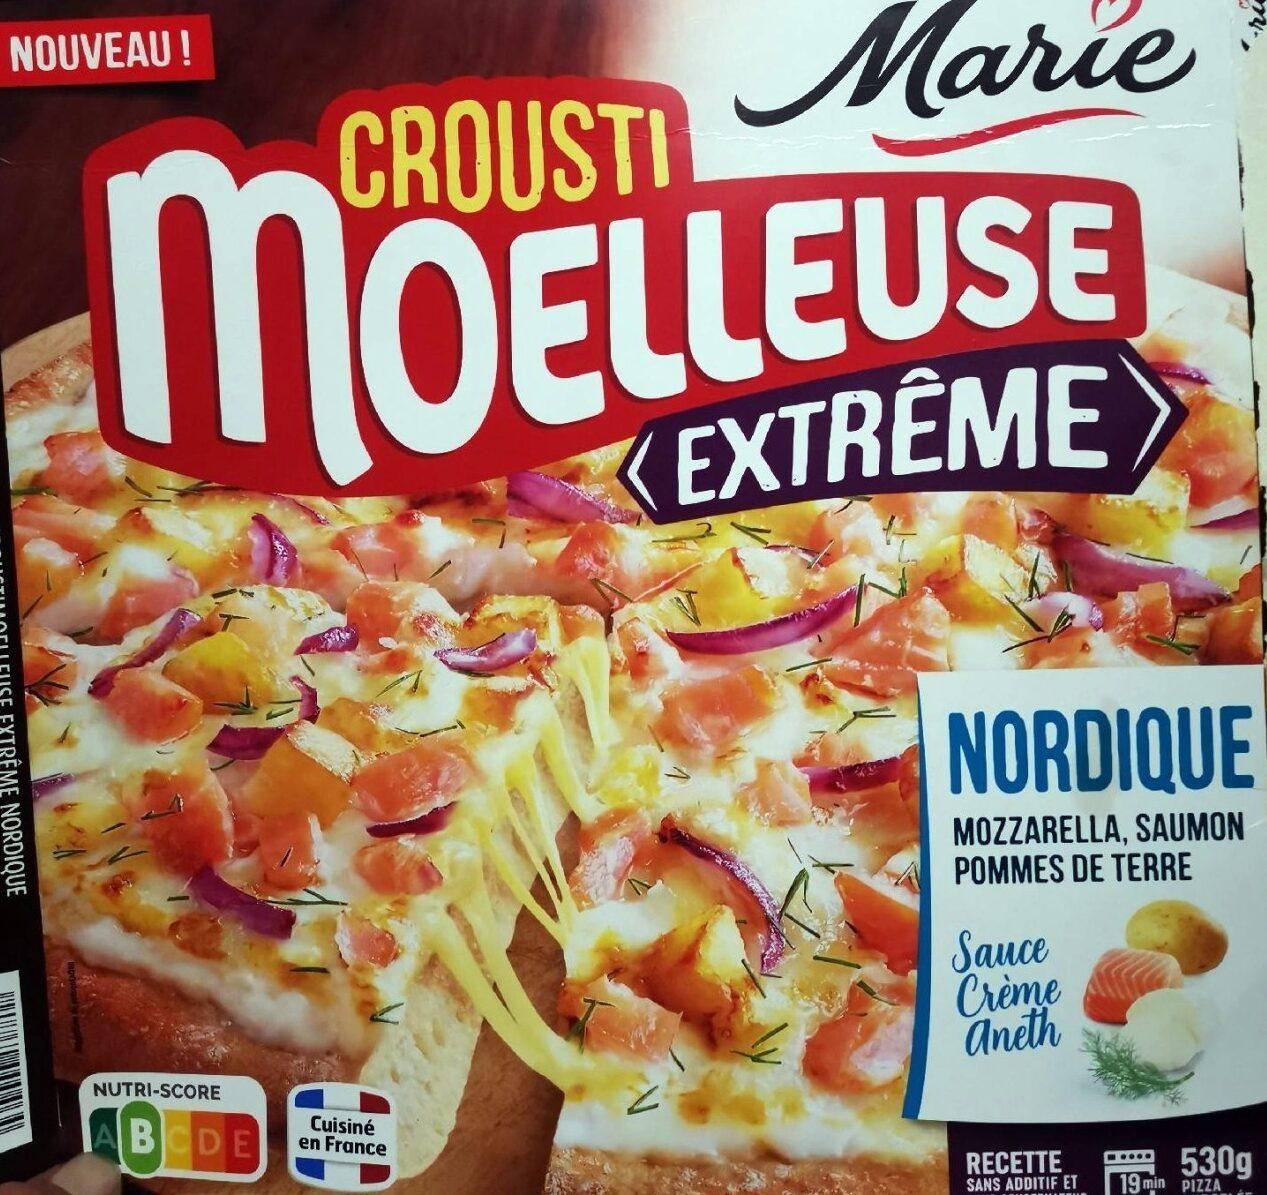 CroustiMoelleuse EXTREME Nordique - Produit - fr